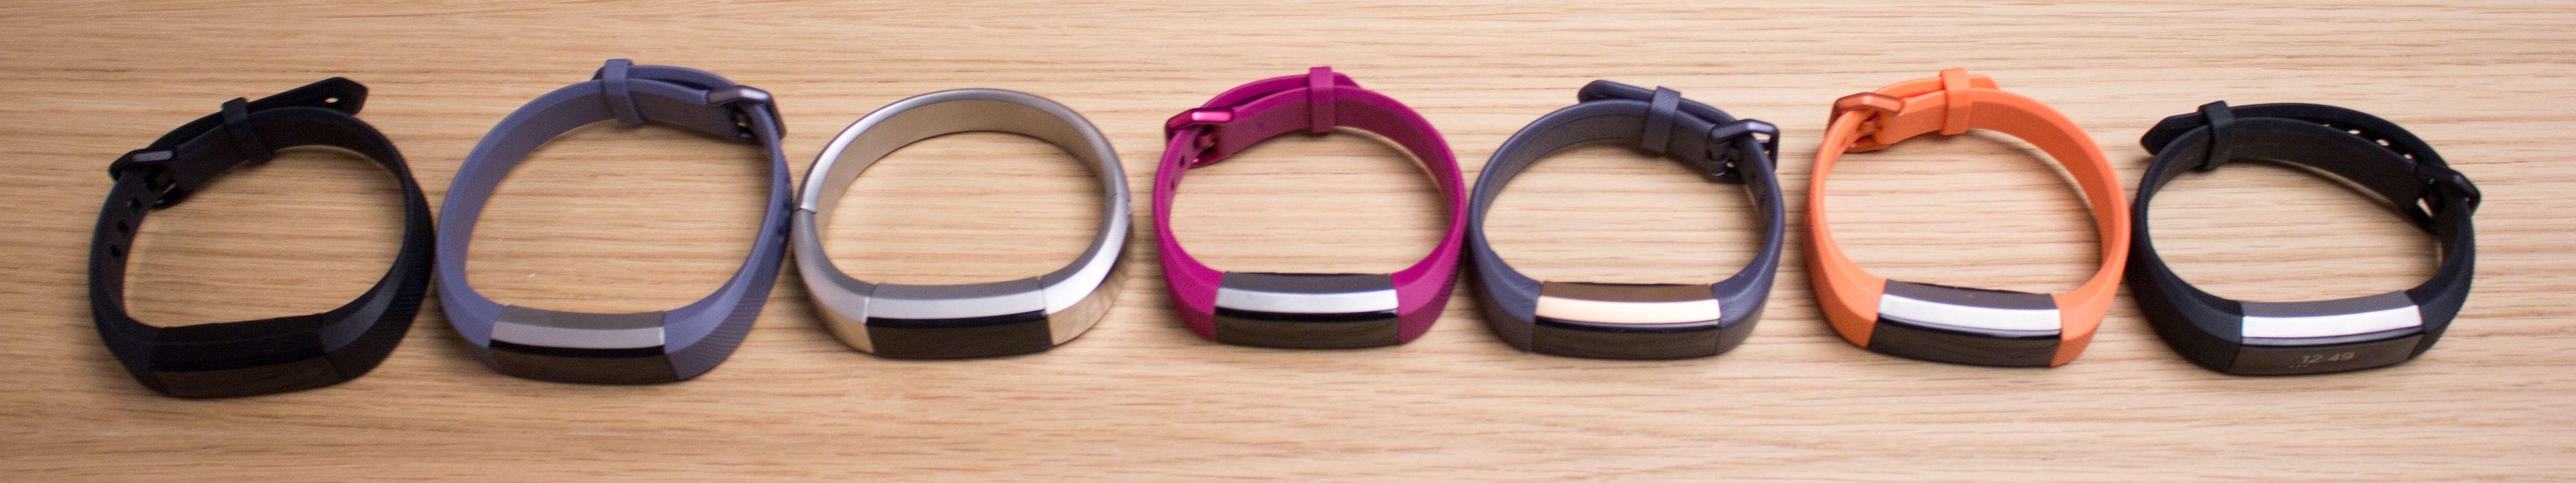 Fitbit Alta HR finnes i en rekke fargekombinasjoner. Her ser ut du noen av dem.